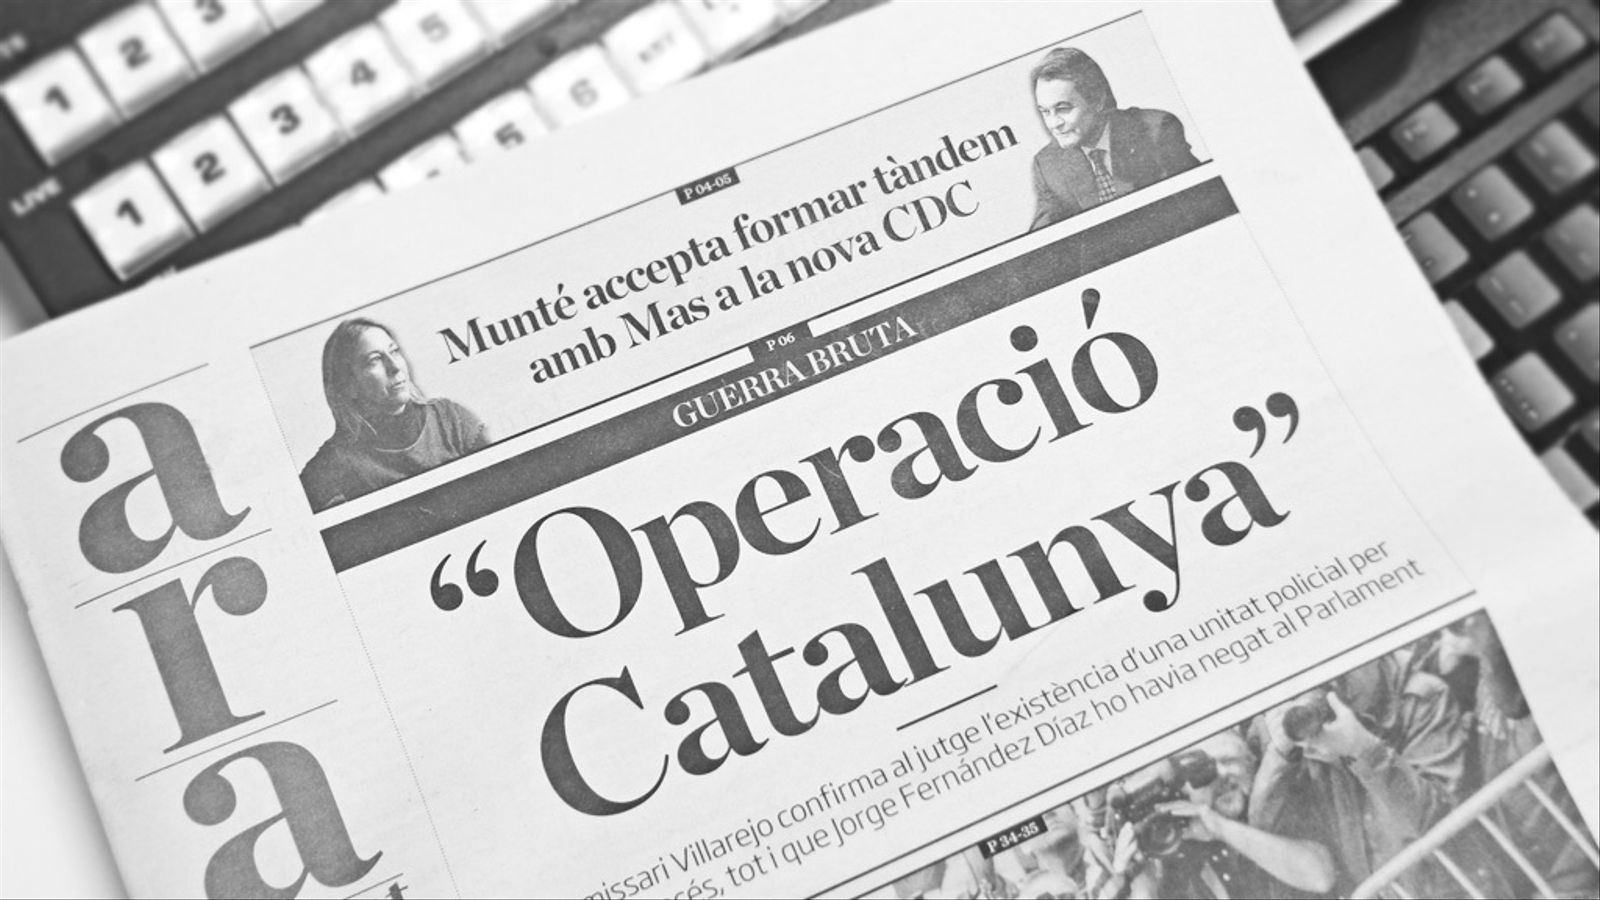 L'anàlisi d'Antoni Bassas: 'El dia que Espanya faci un informe Chilcot'